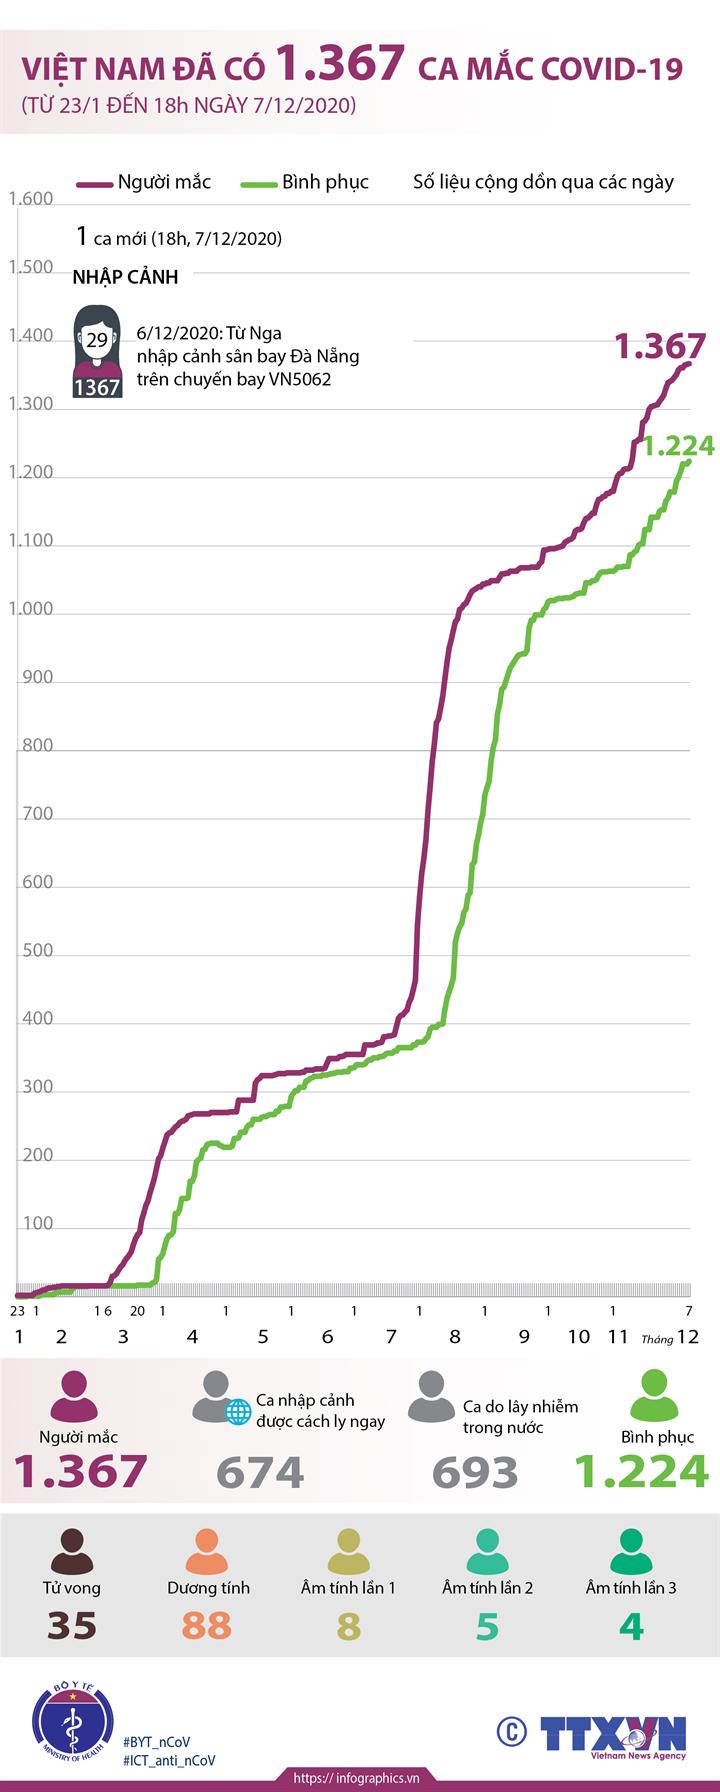 Việt Nam đã có 1.367 ca mắc COVID-19 (từ 23/1 đến 18h ngày 7/12/2020)